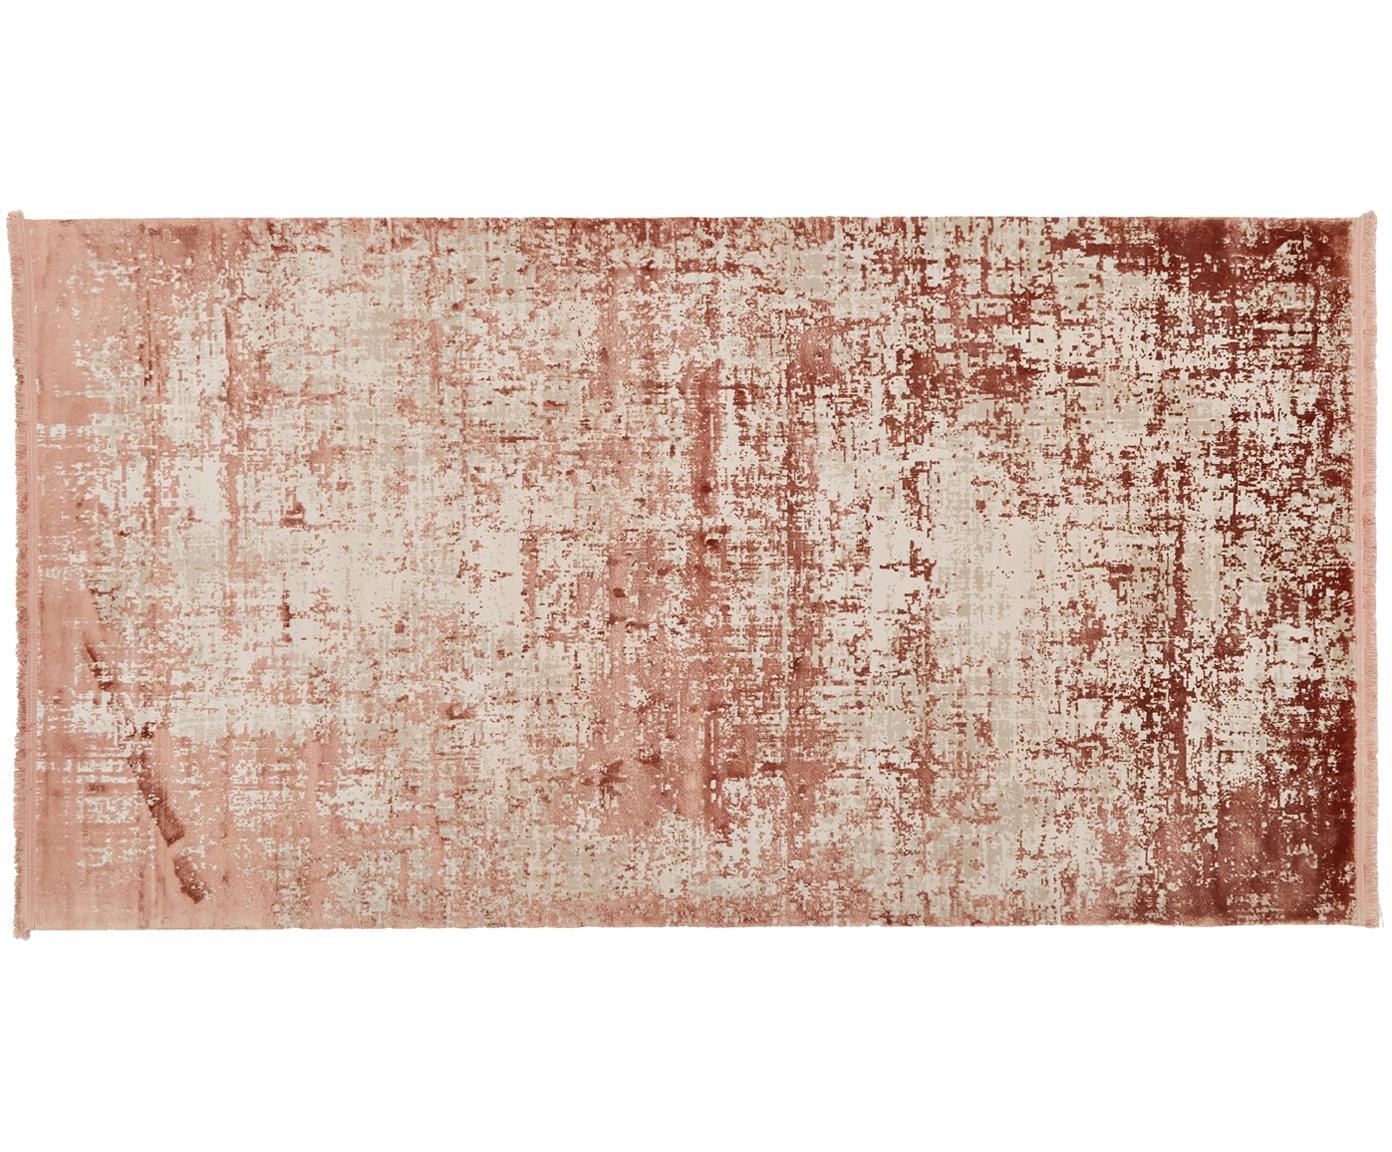 Schimmernder Teppich Cordoba mit Fransen, Vintage Style, Flor: 70% Acryl, 30% Viskose, Terrakotta, Beige, B 80 x L 150 cm (Größe XS)